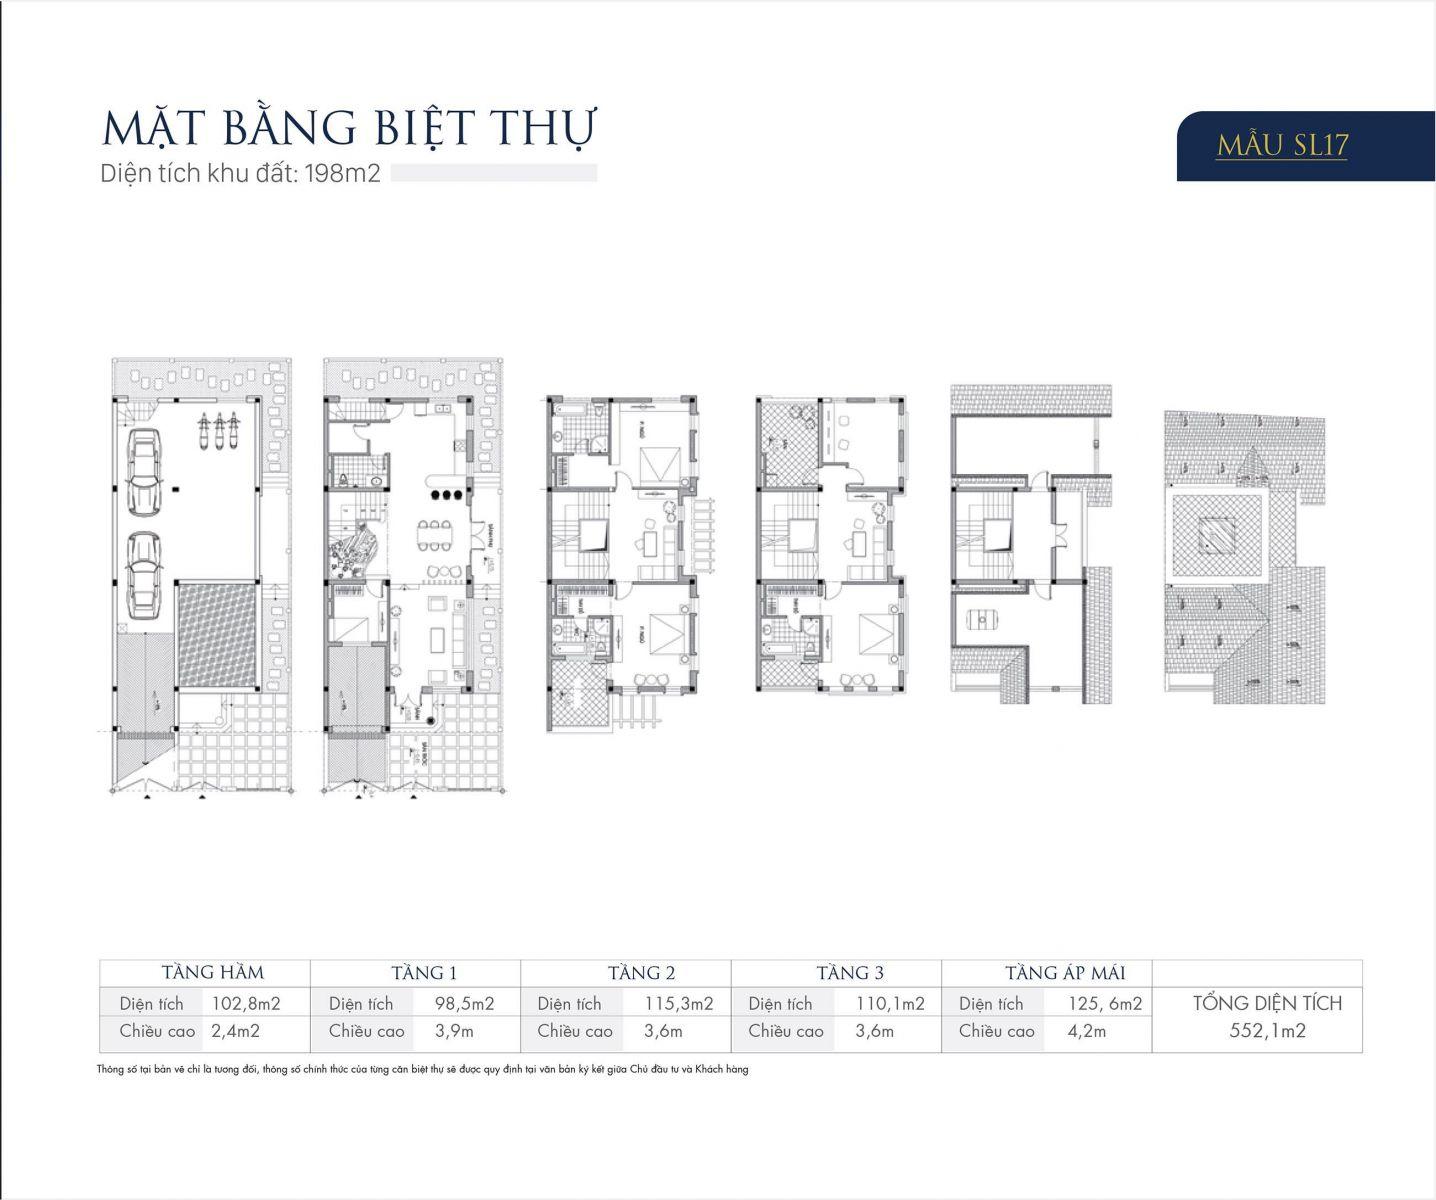 Mặt bằng thiết kế mẫu SL17 Biệt thự An Khang Villas Dương Nội